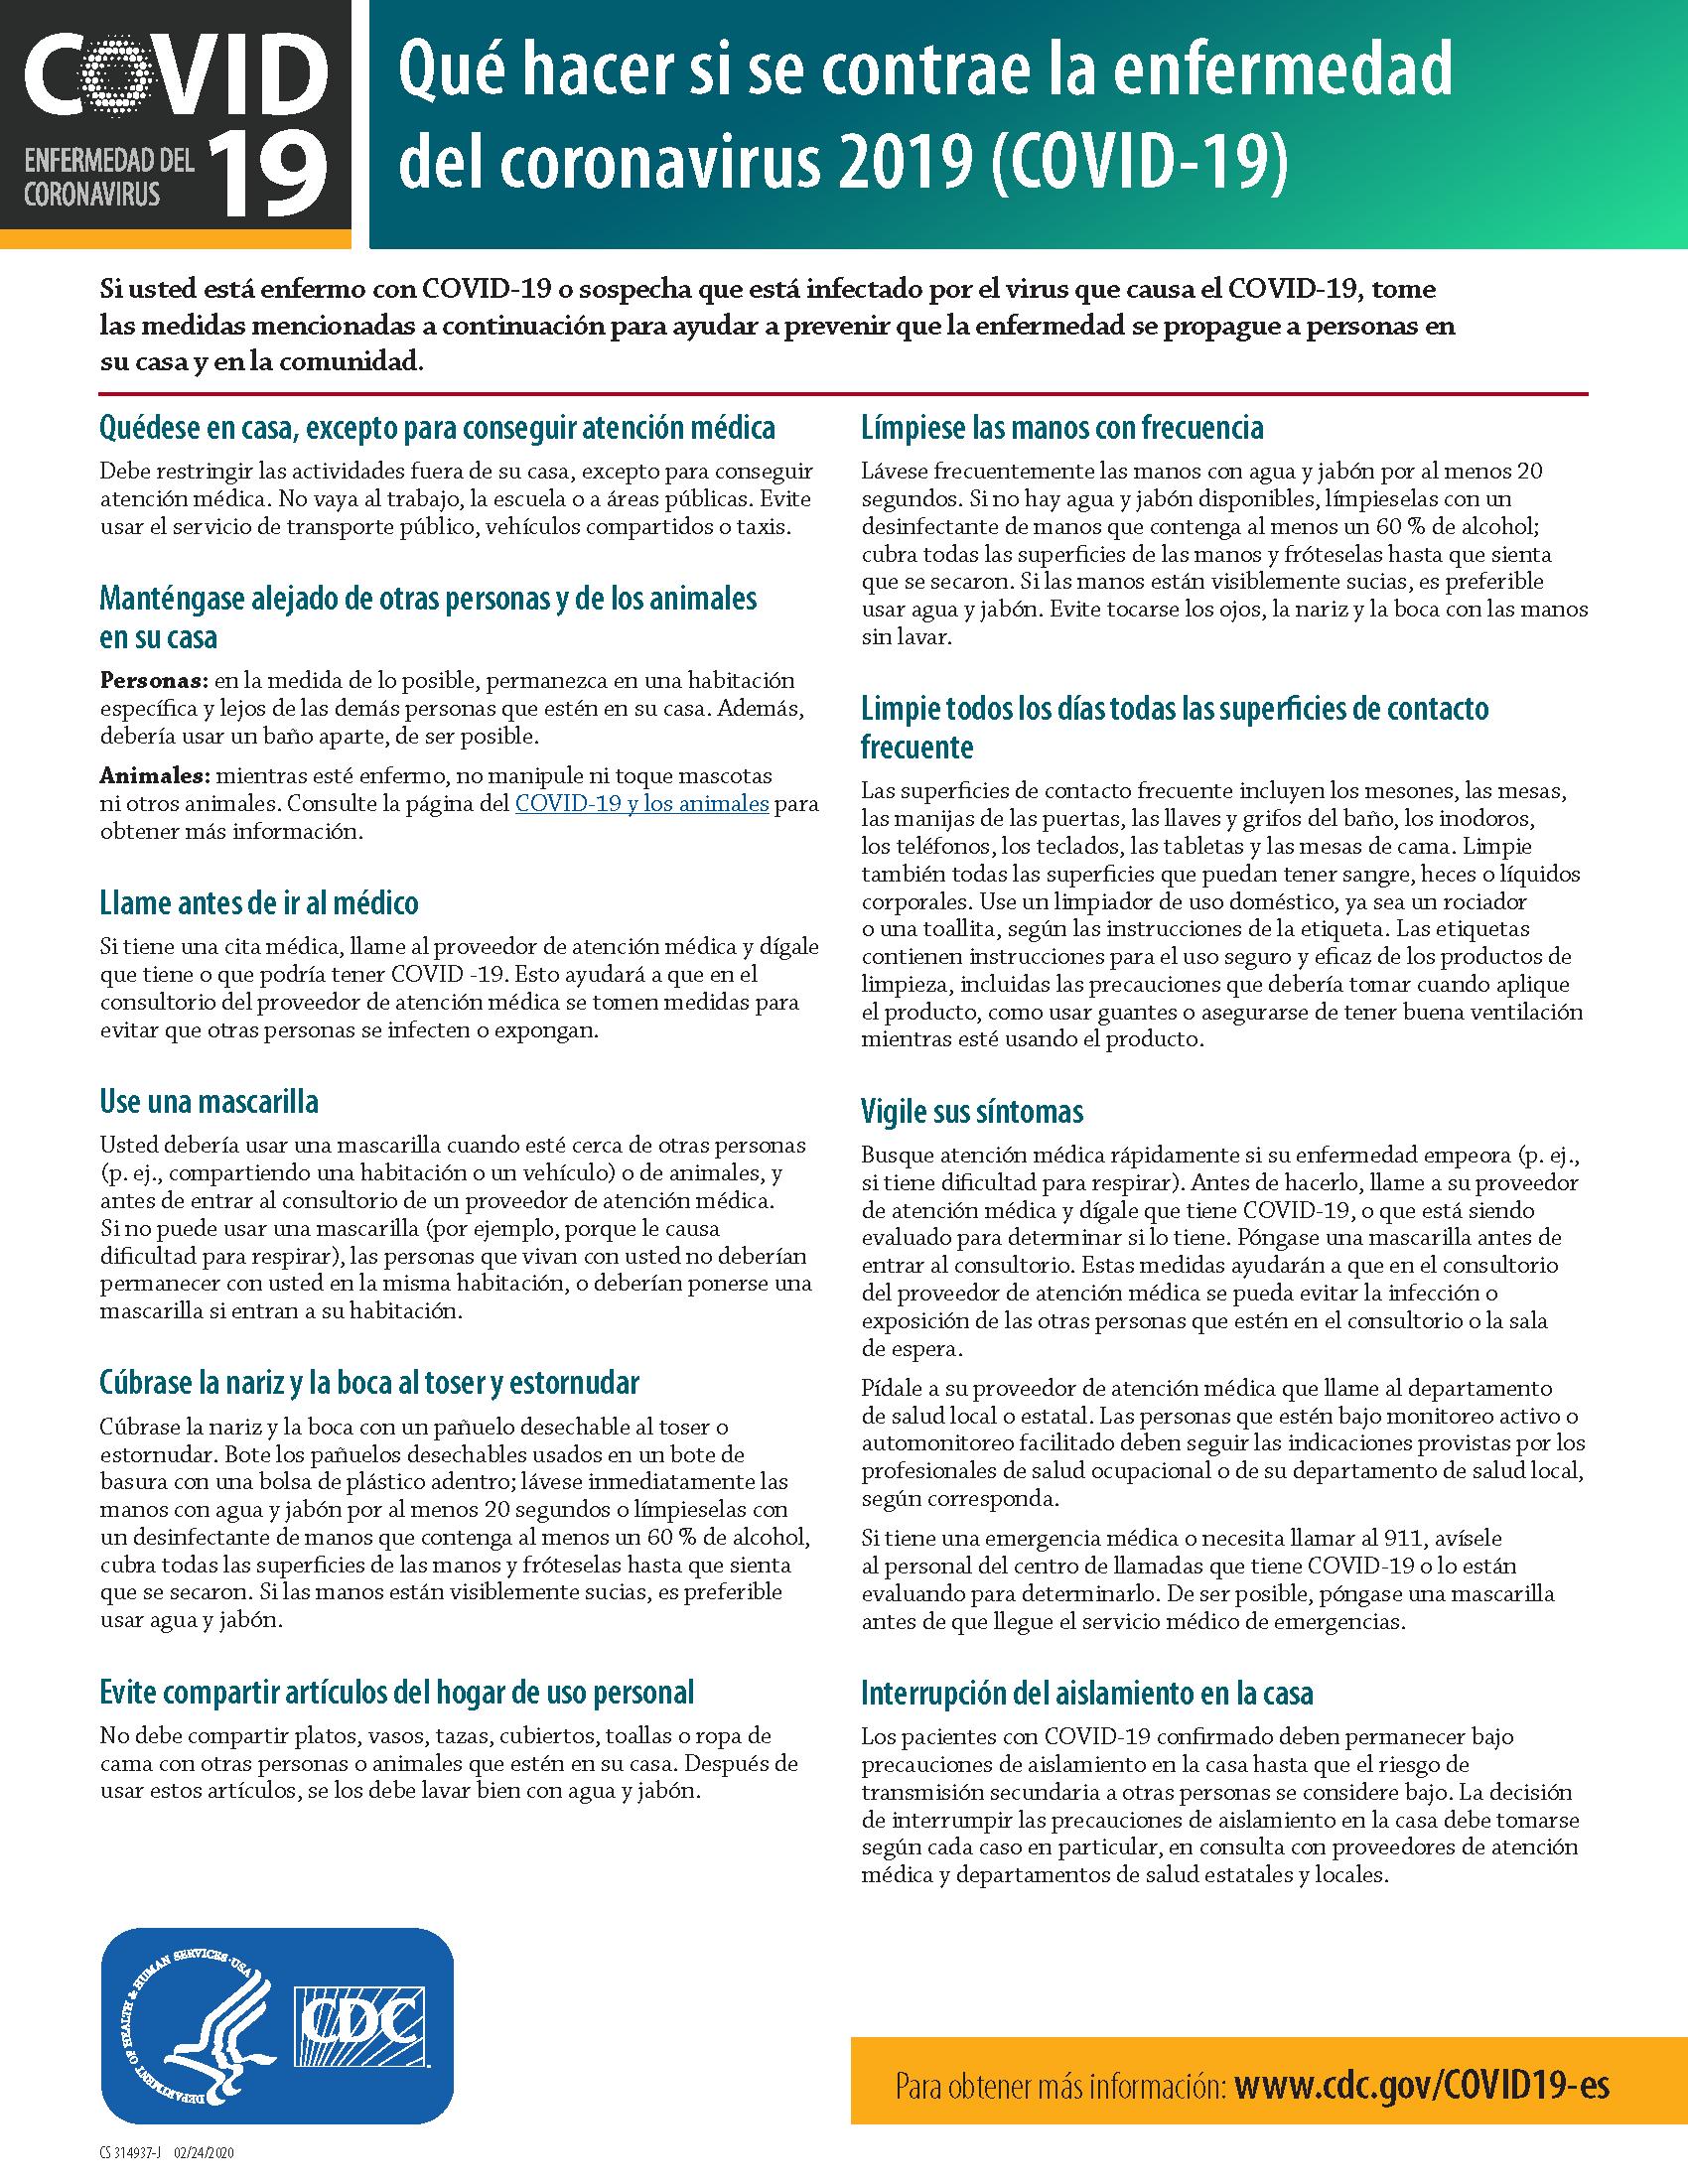 Qué hacer si se contrae la enfermedad del coronavirus 2019 (COVID-19)